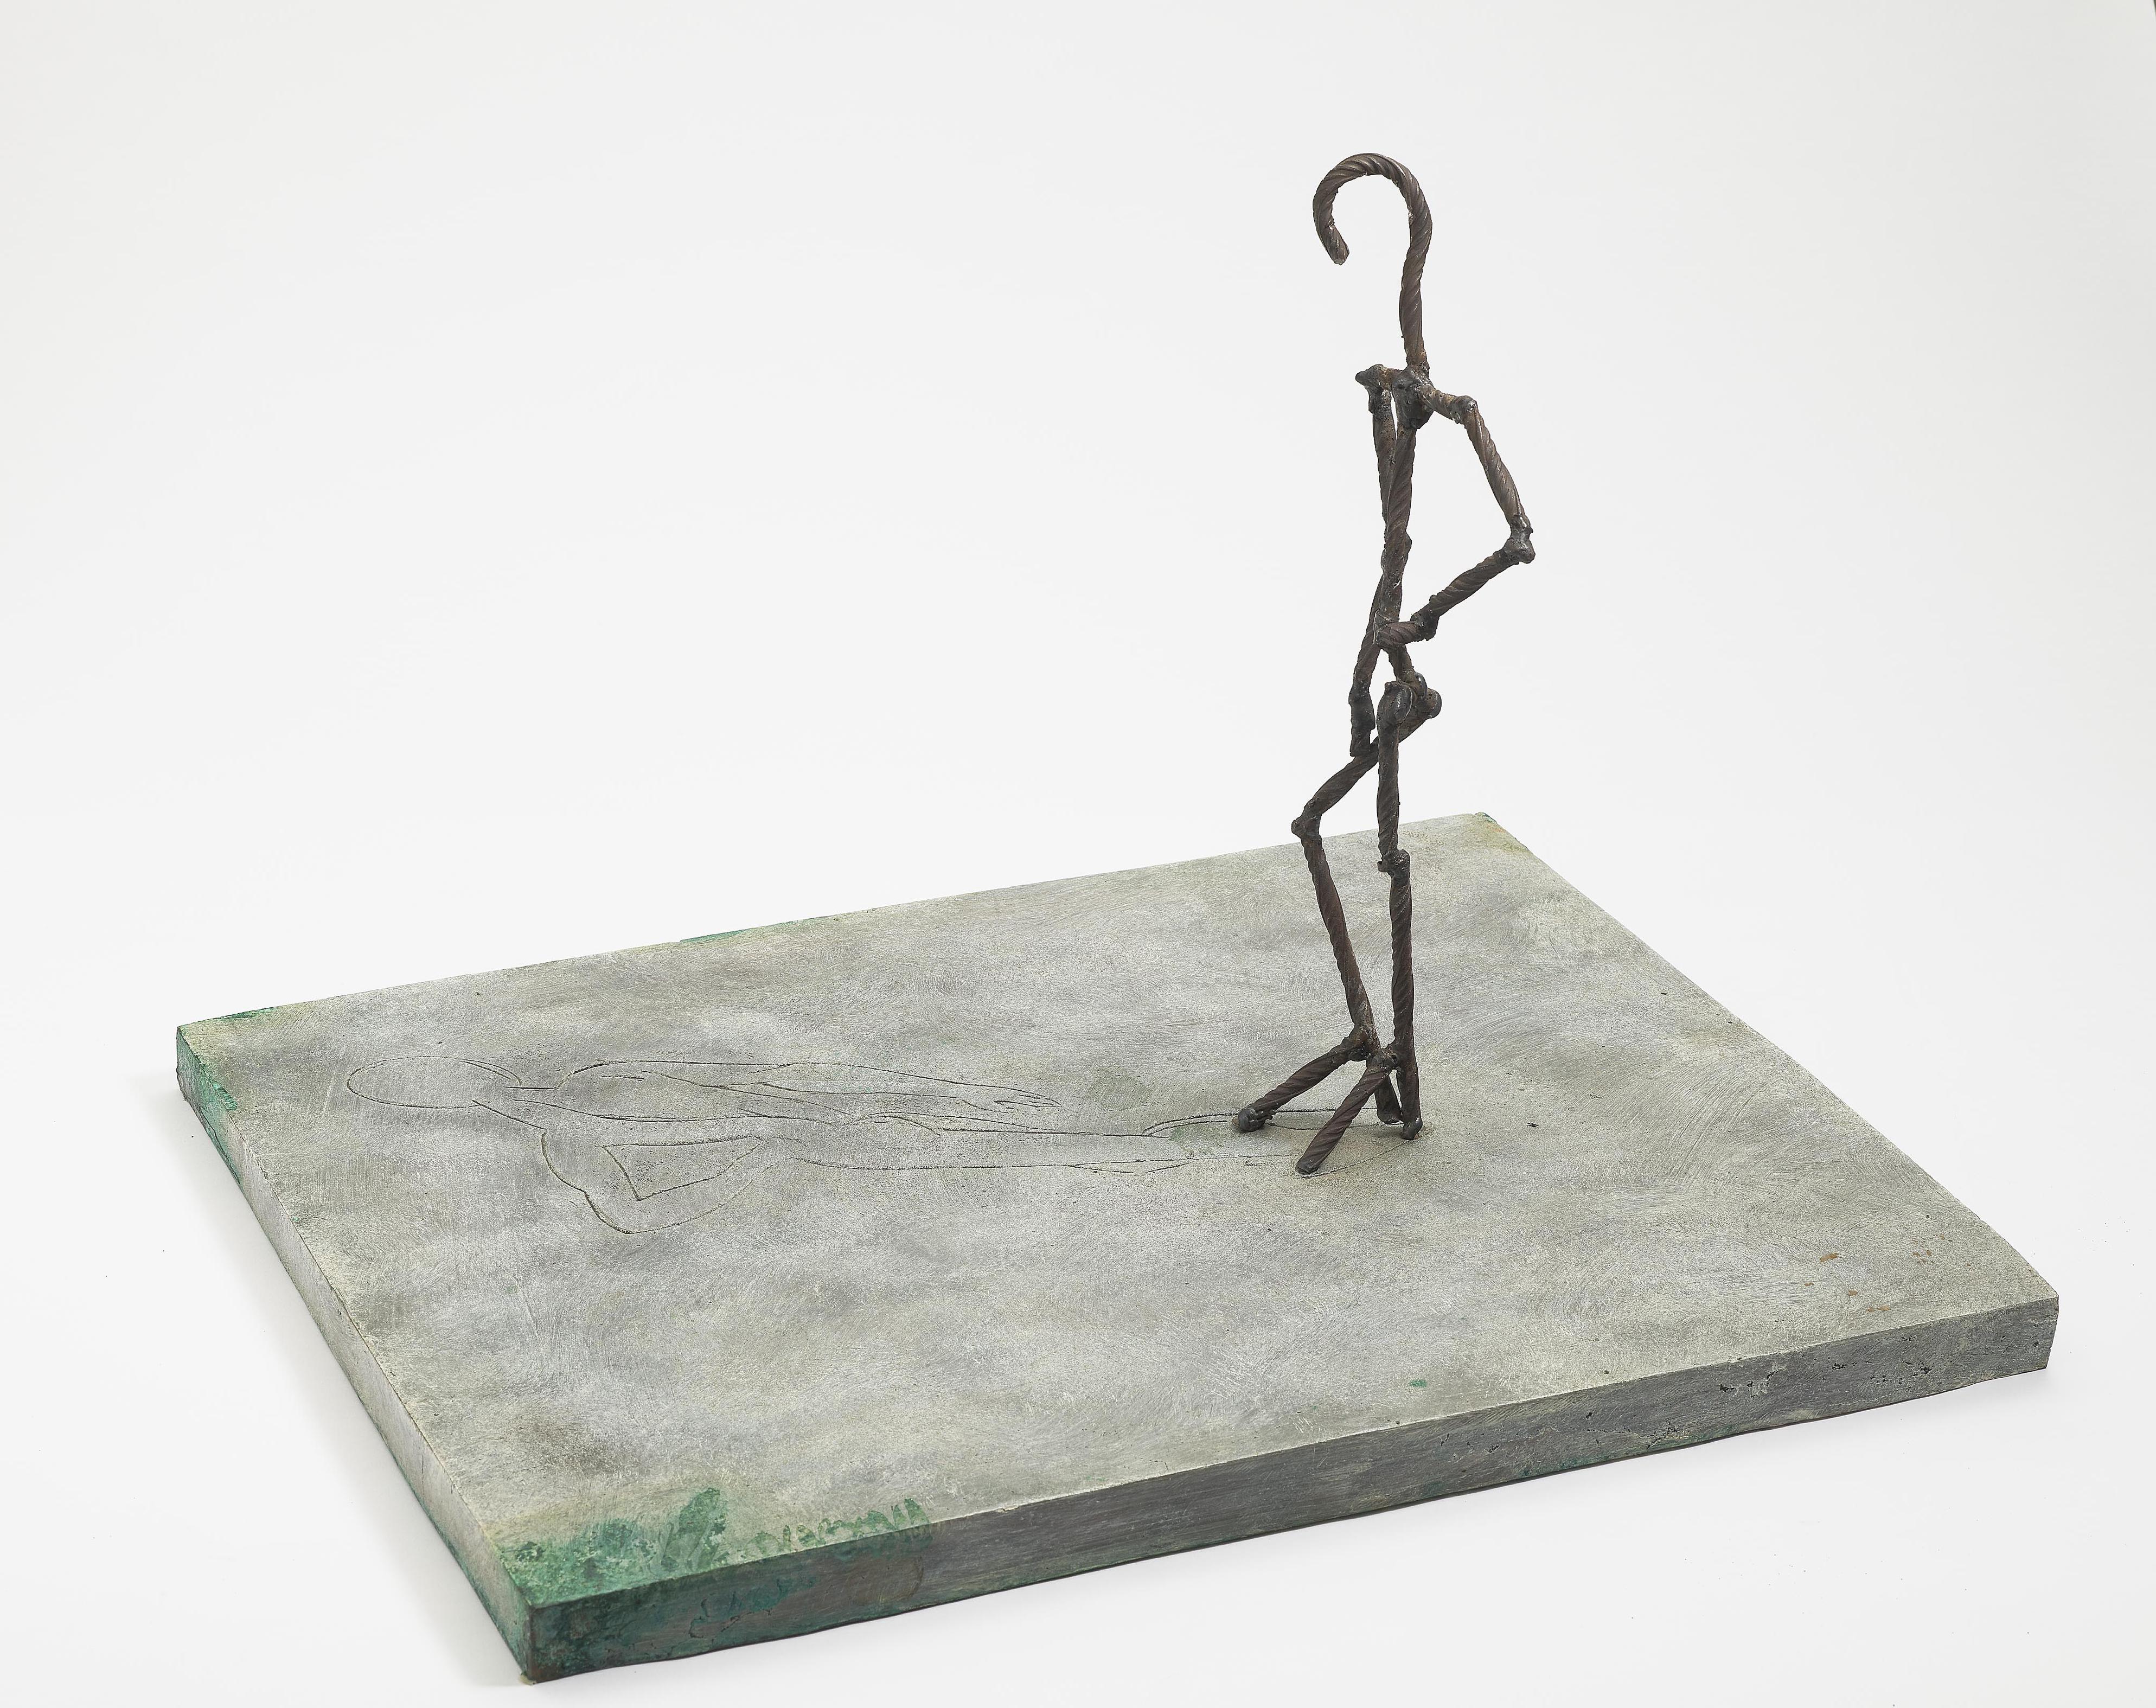 Frank Dornseif - Kleiner Stehender Mit Schatten (Small Standing Figure with Shadow)-1989